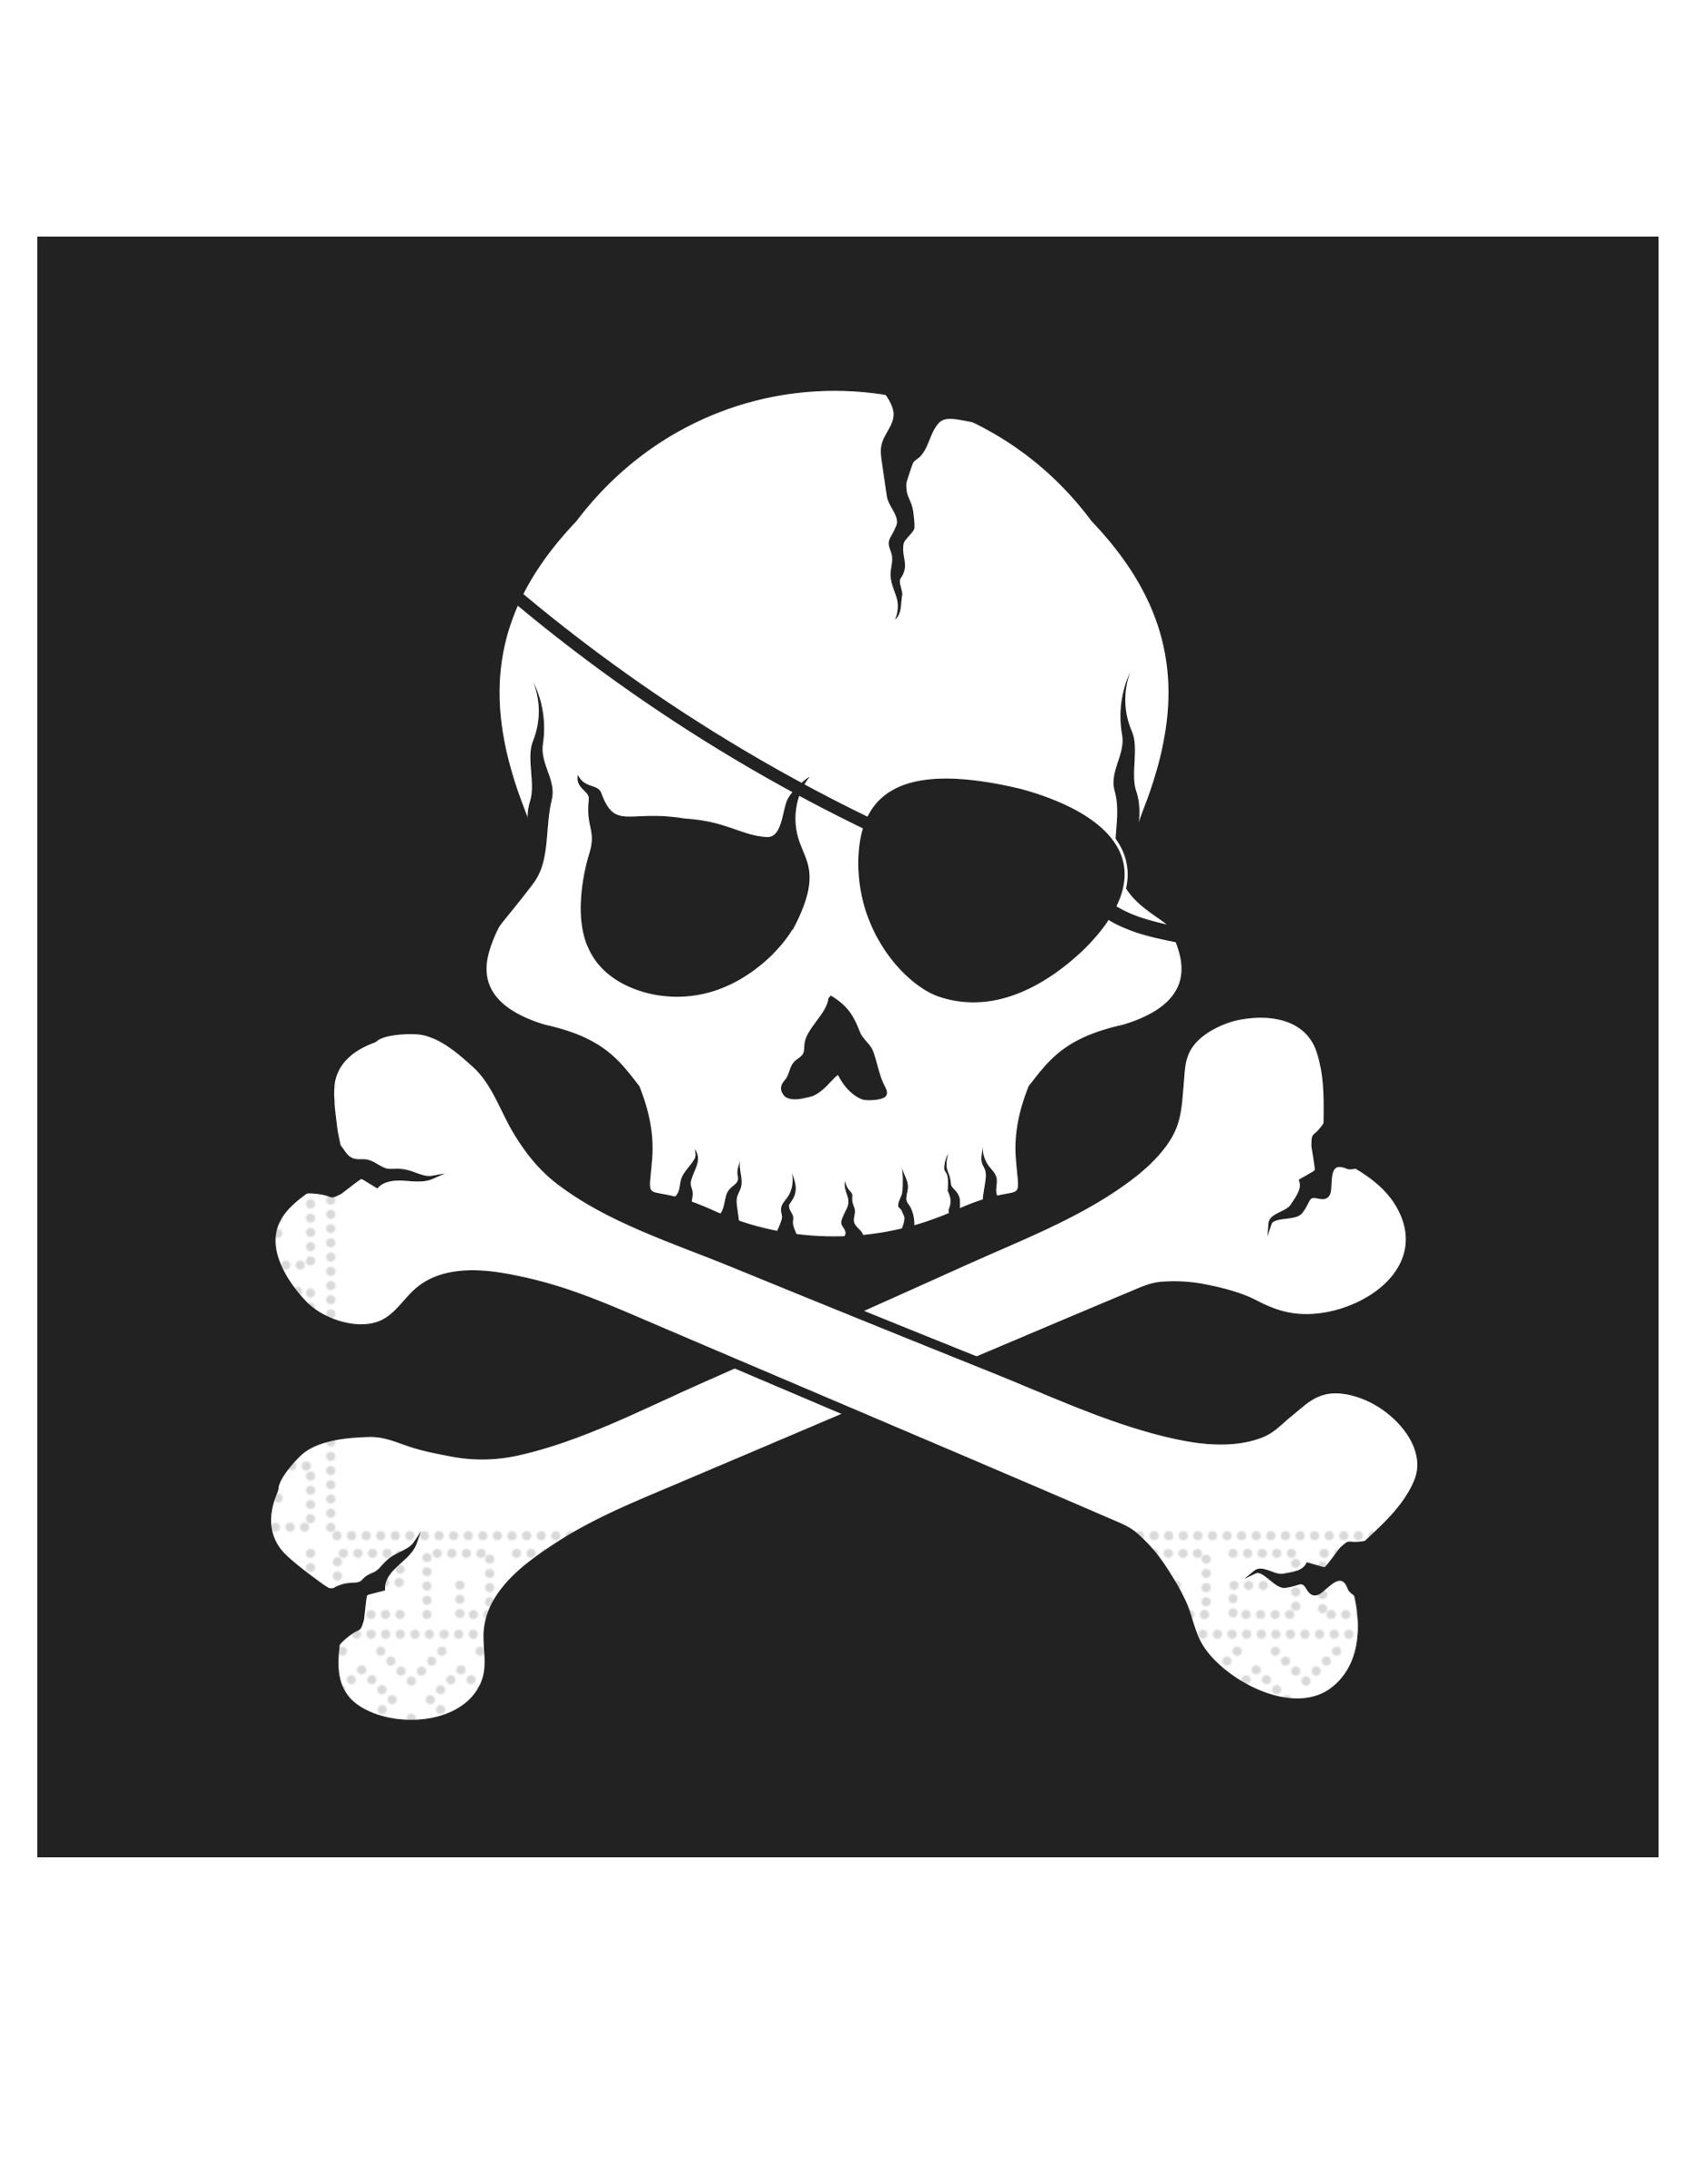 12 x serviettes en papier pirate tete de mort anniversaire decoration garçon